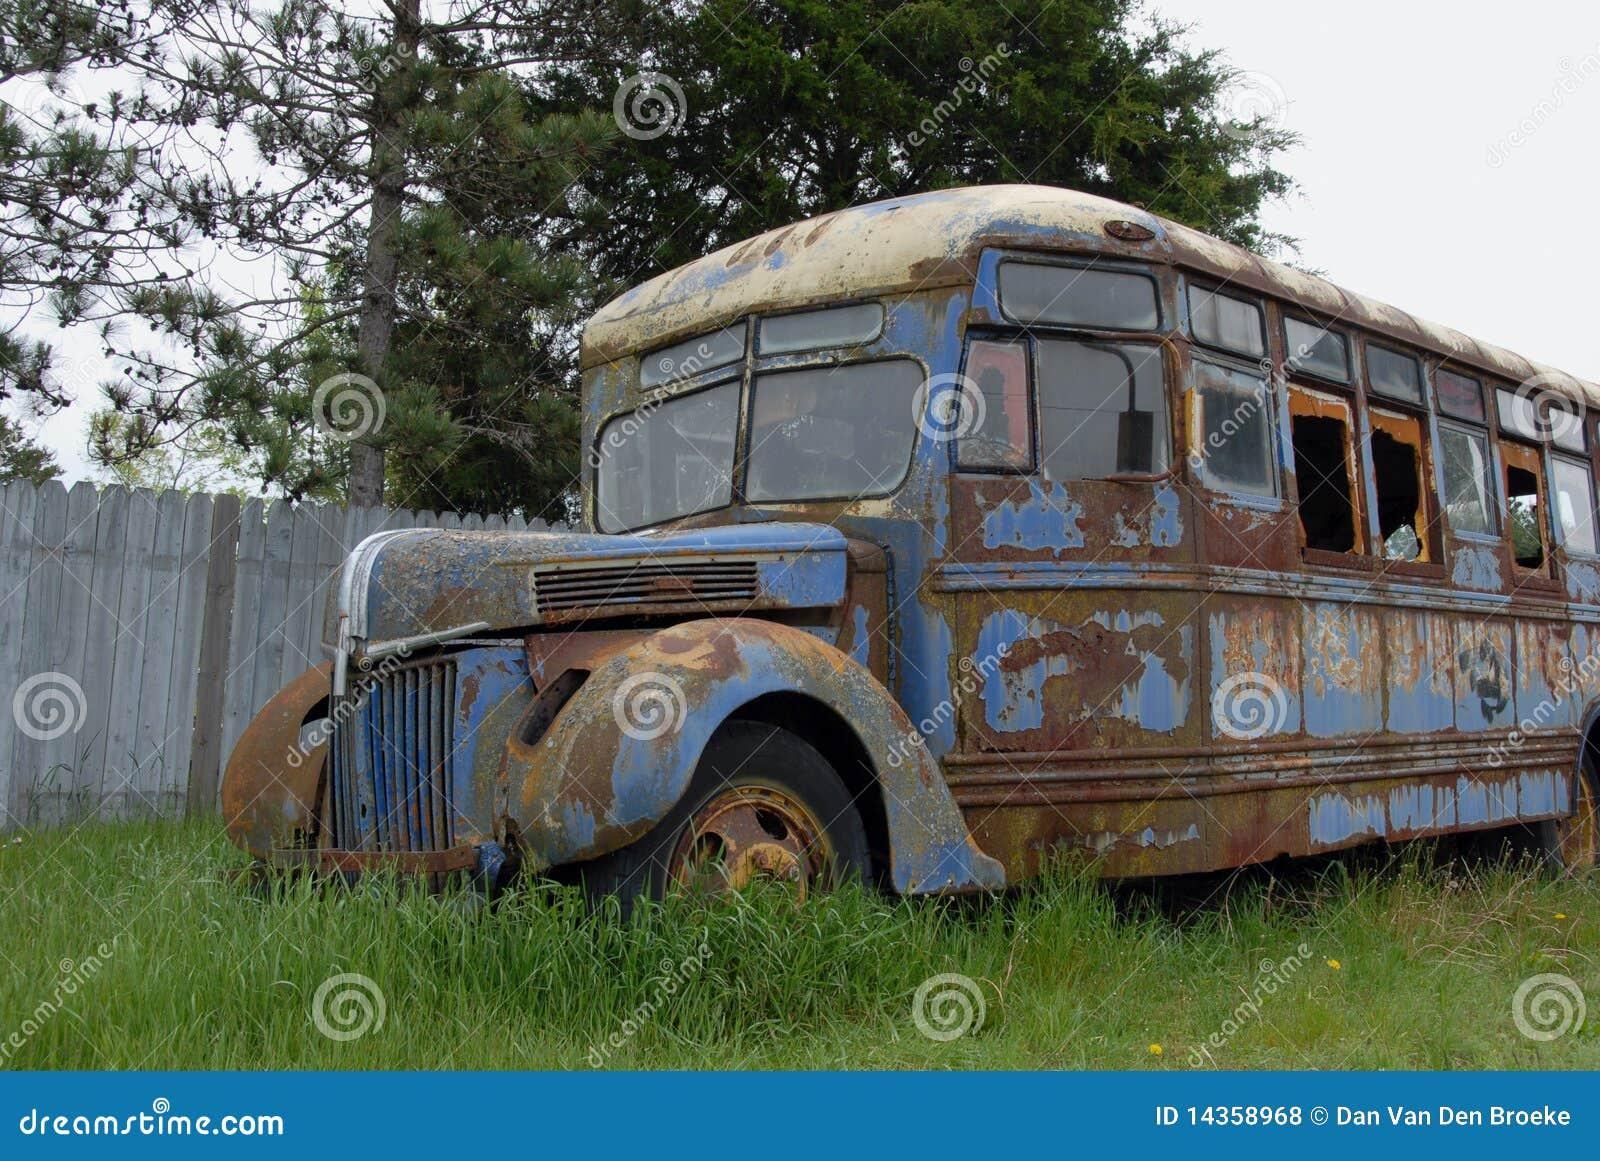 de-oude-bus-14358968.jpg